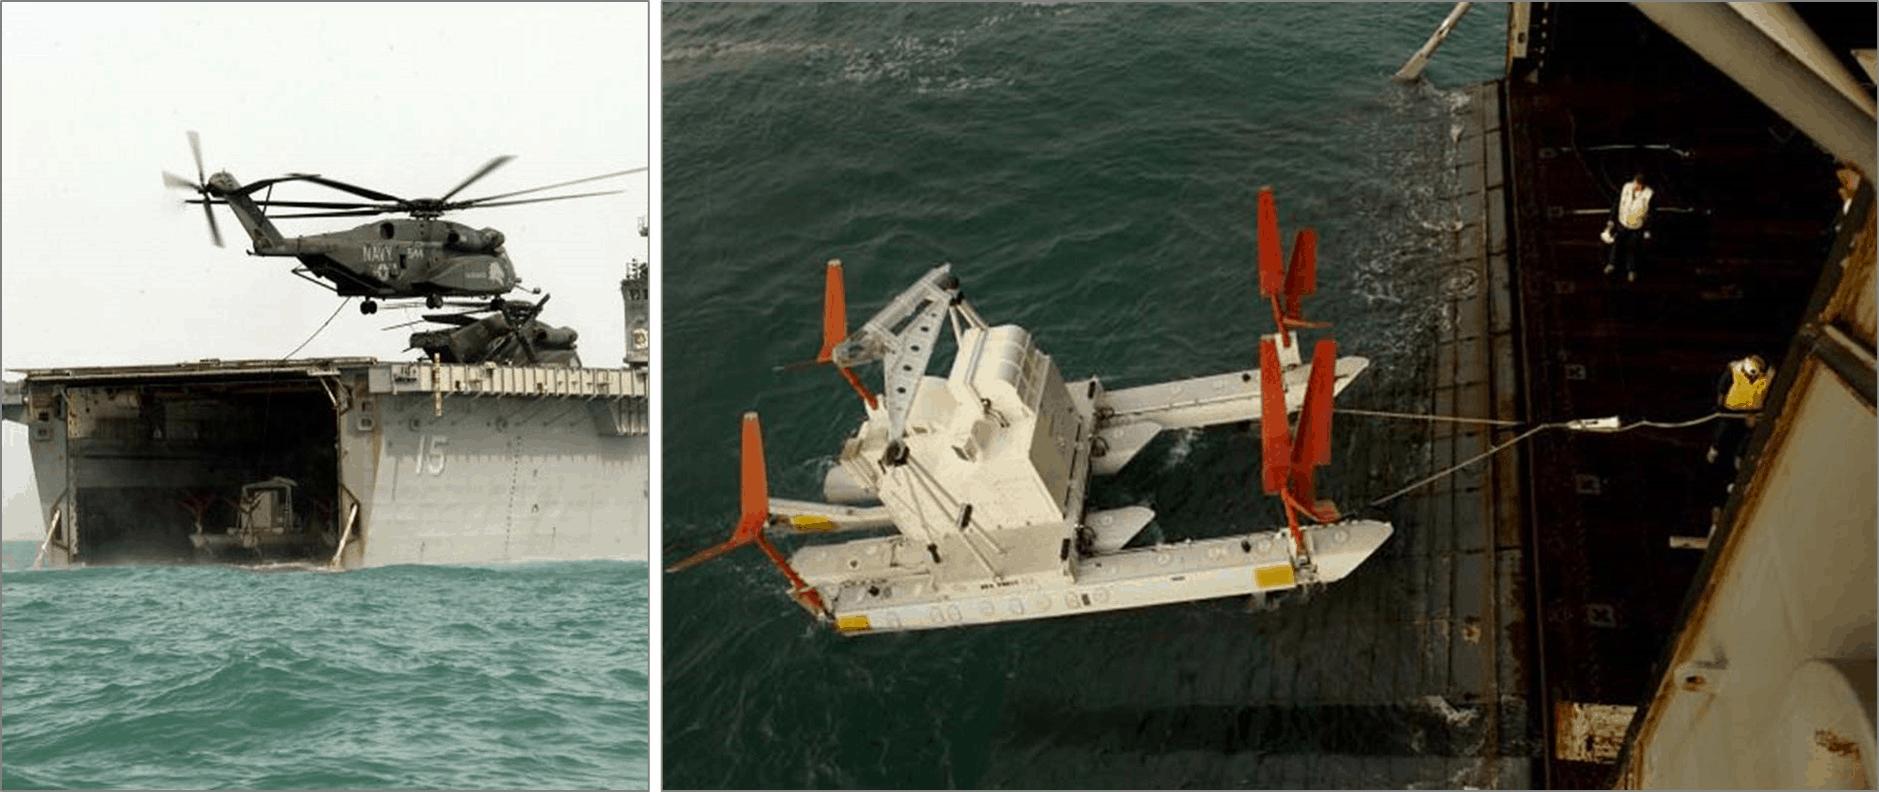 Вертолітний трал на підводних крилах Harris MK-105 в процесі завантаження на вертольотоносець у відкритому морі